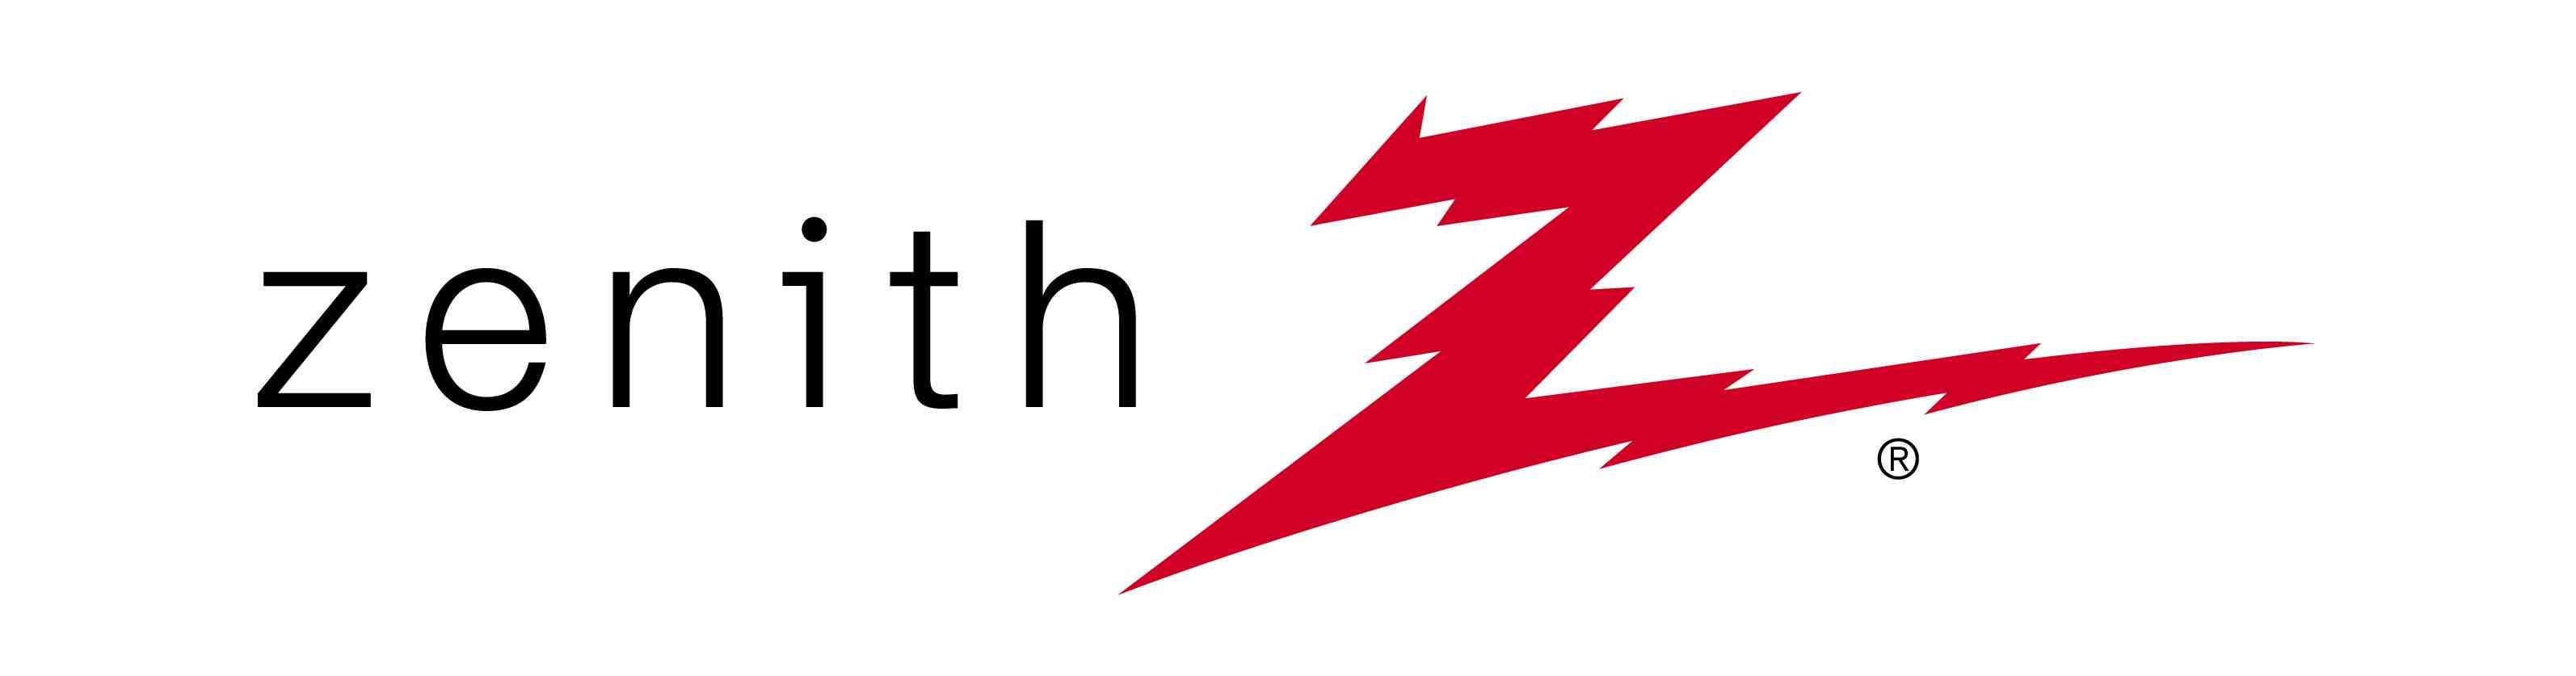 Zenith_hi